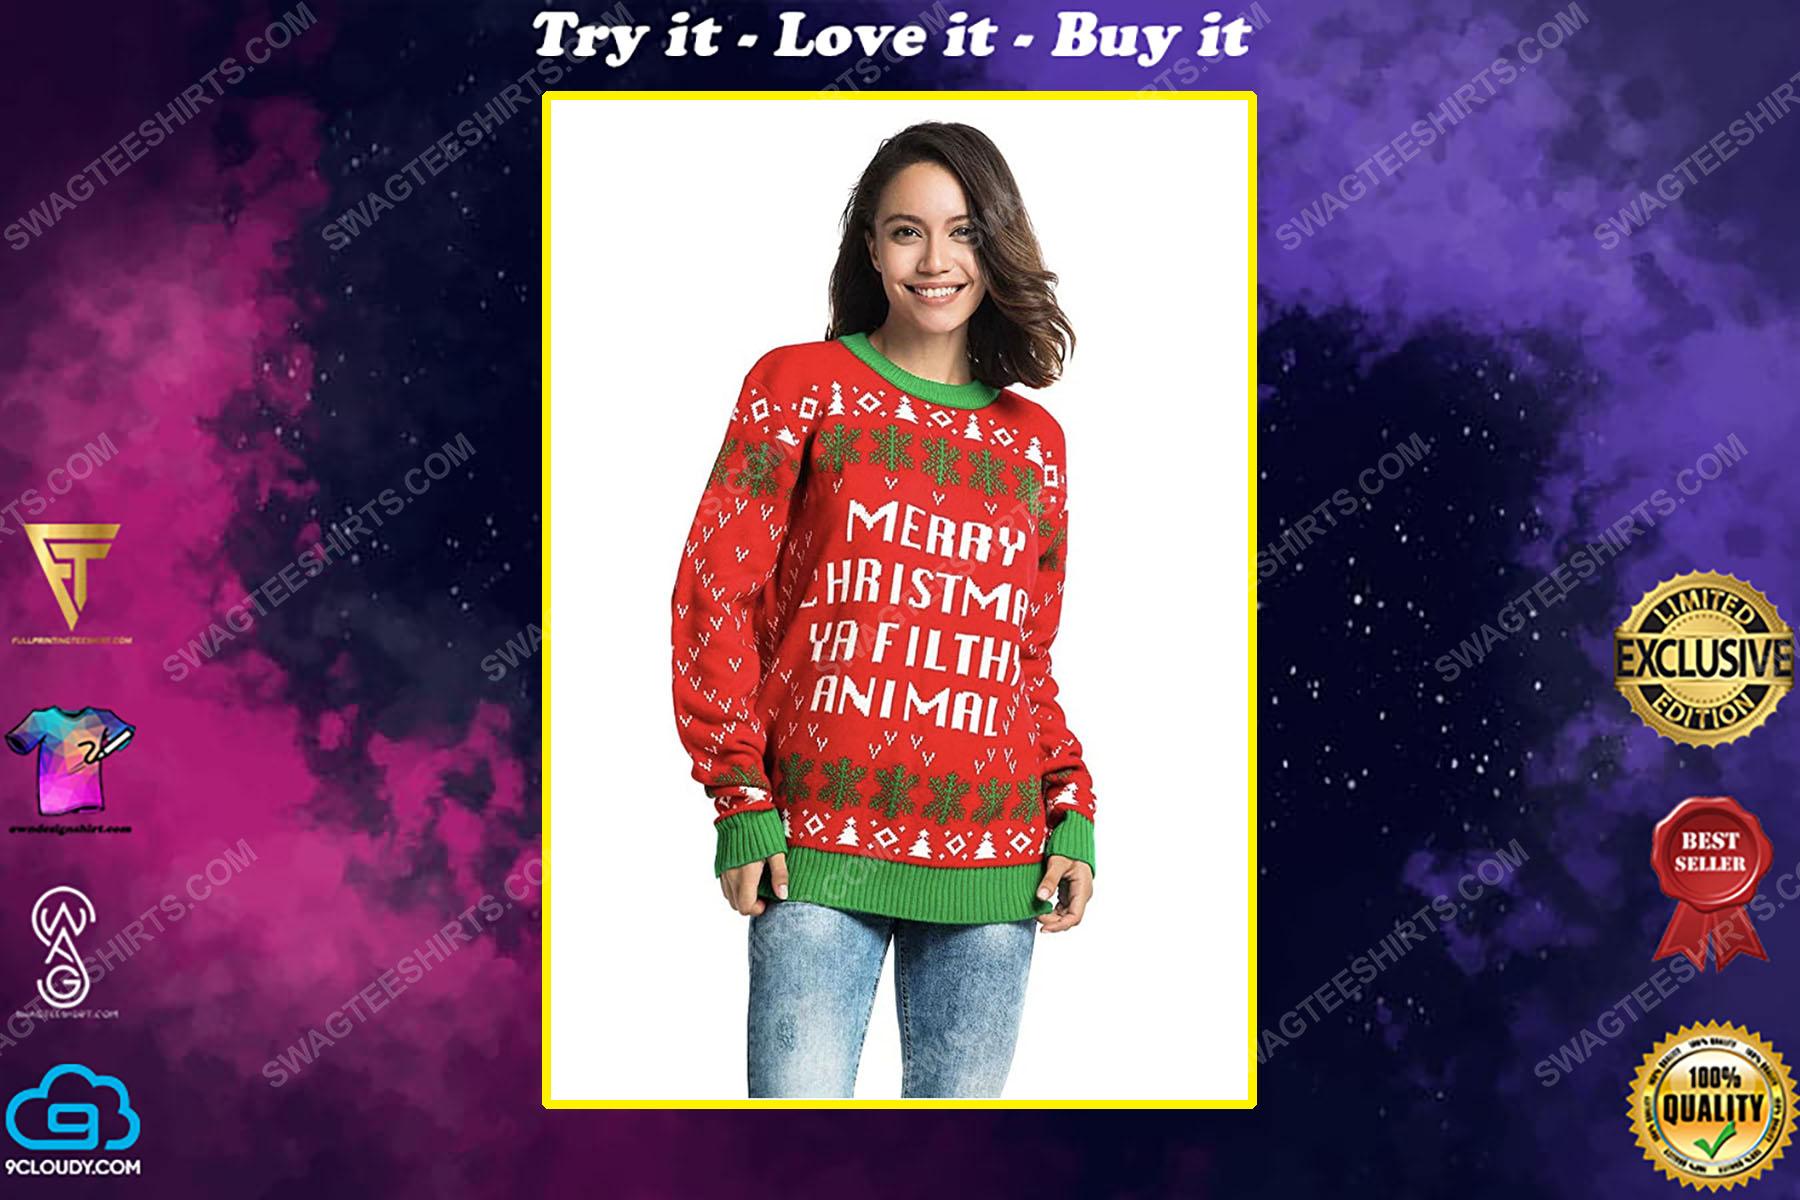 Merry christmas ya filthy animal full print ugly christmas sweater